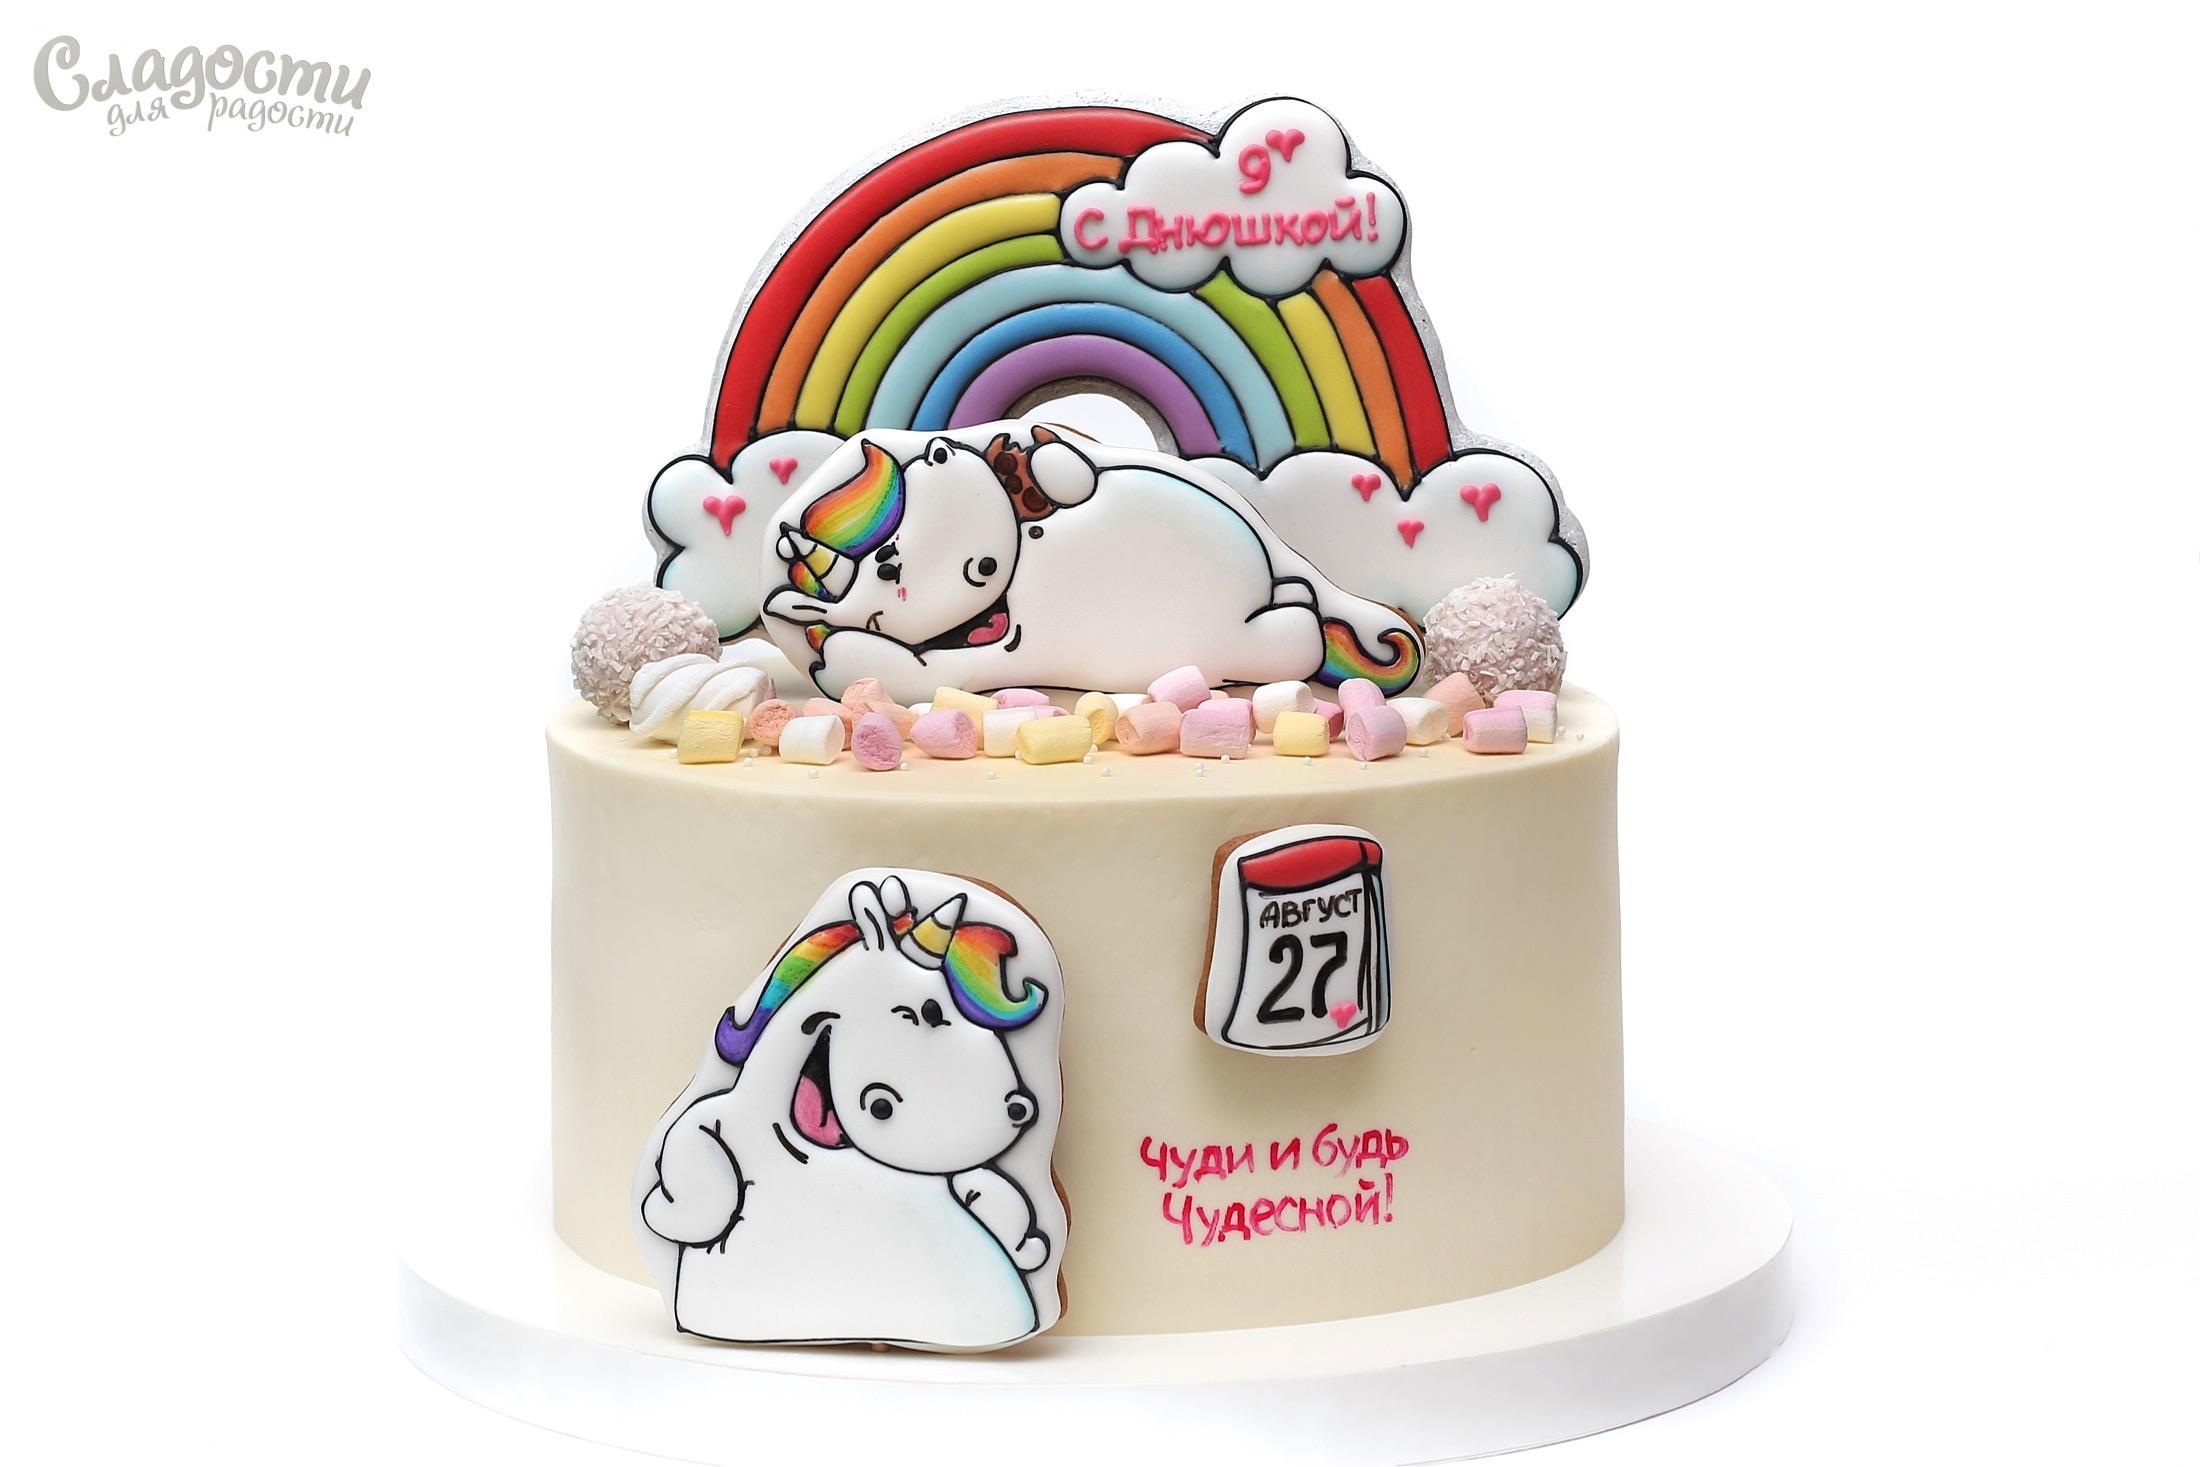 Детский торт на заказ Киев.